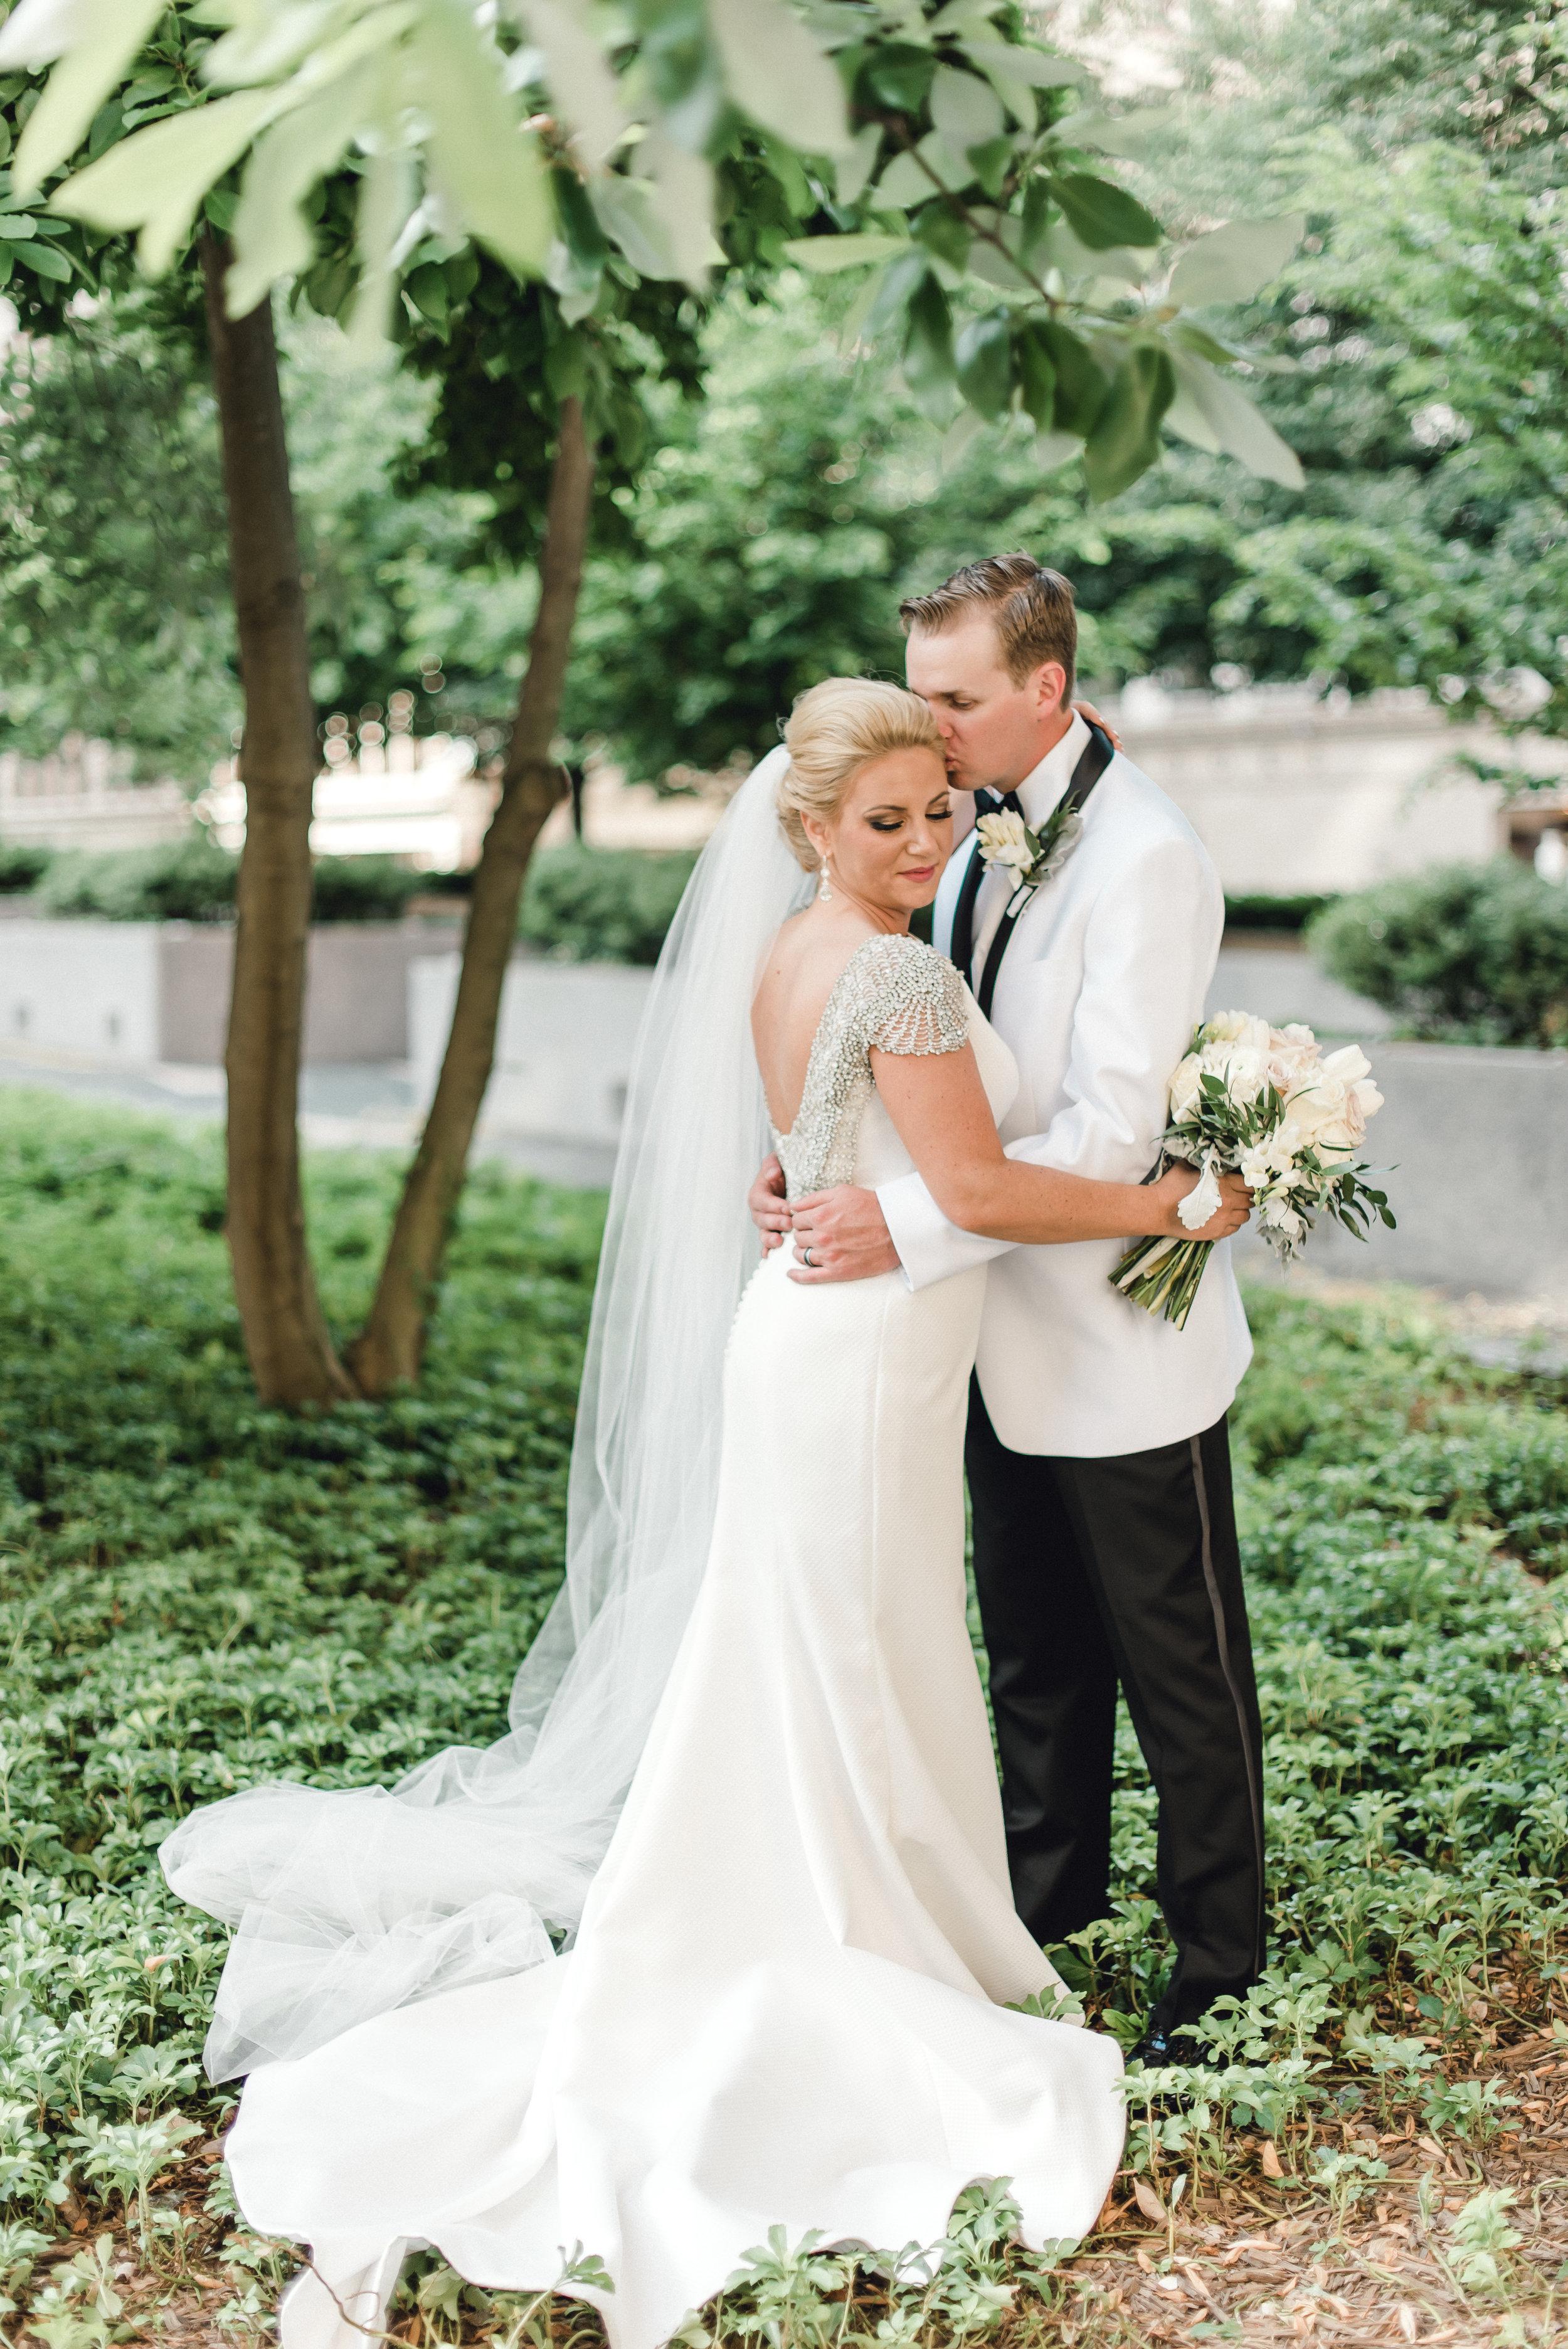 omni-william-penn-wedding-classic-chic-modern-photography-0026.jpg